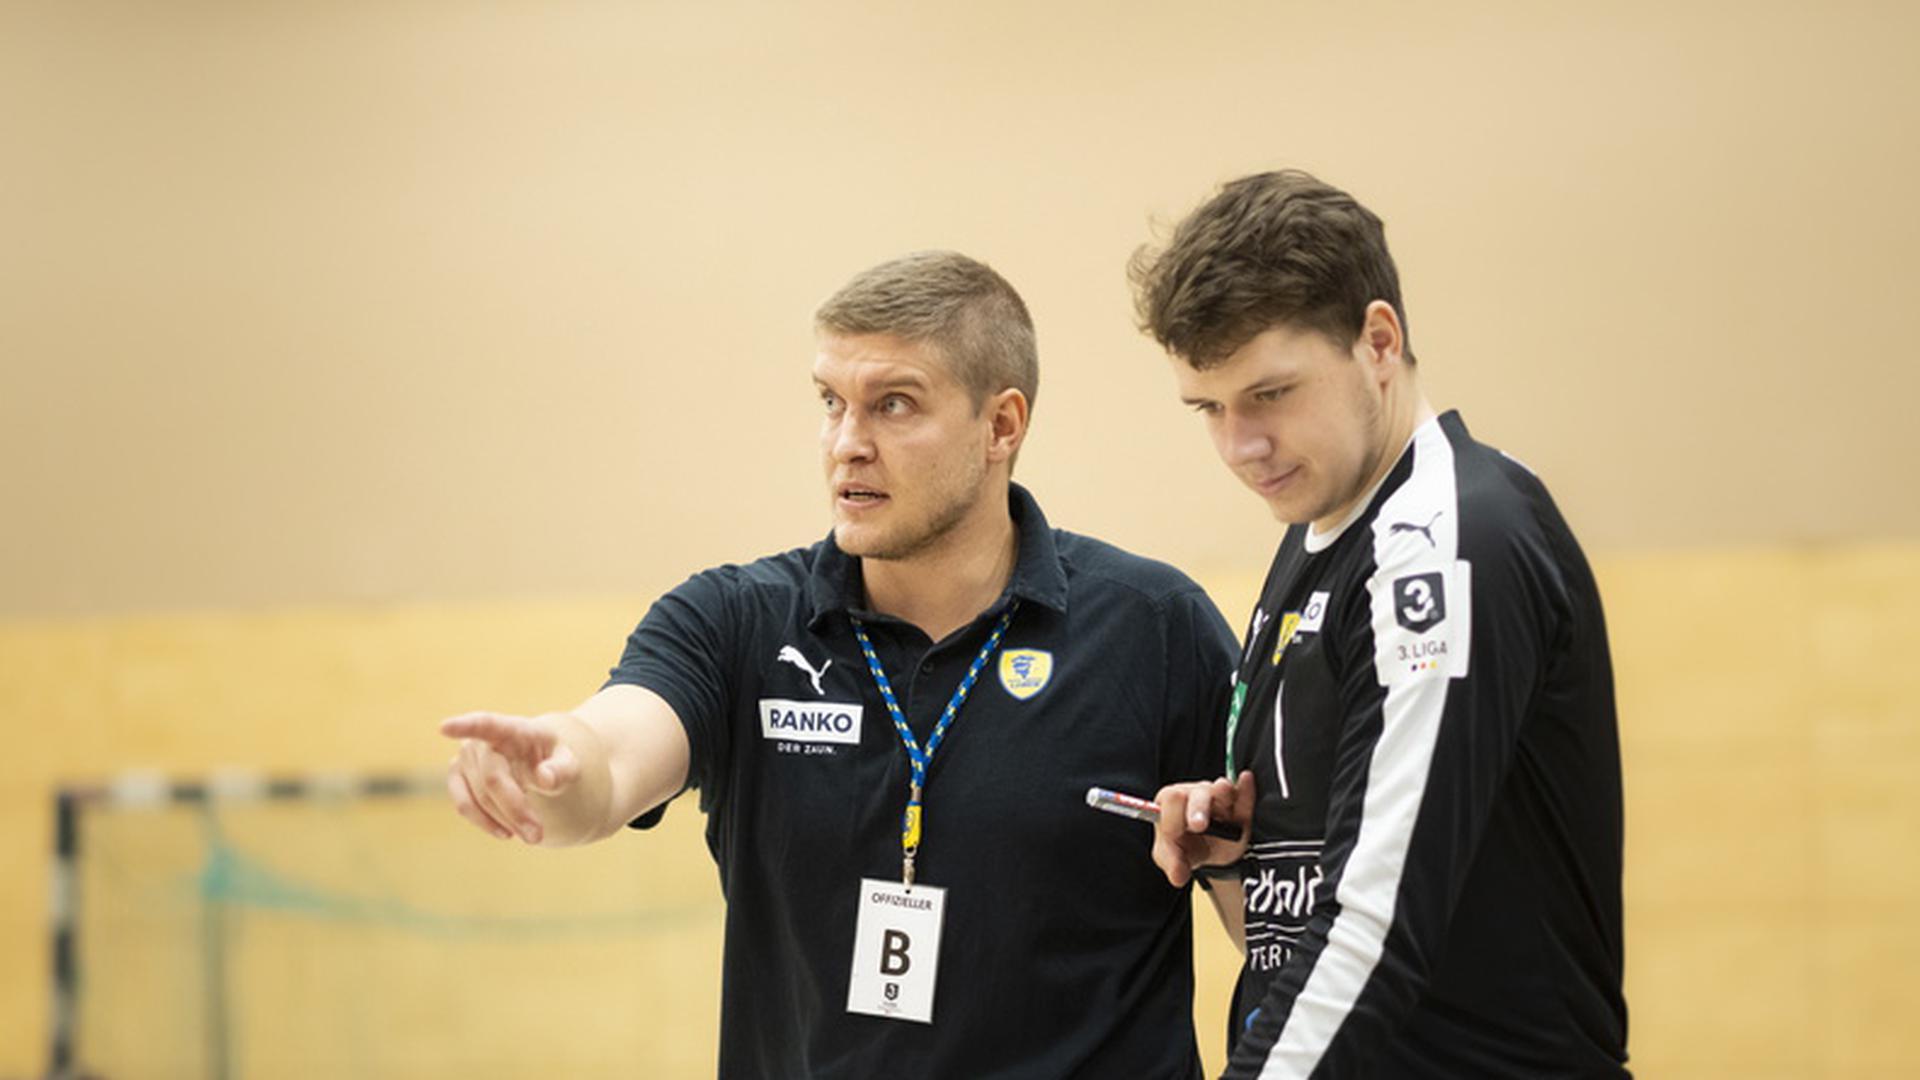 FOTO: Jochen BLUM; Oestringen; DEU; 12.10.2019; Handball, Deutscher Handballbund, 3. Liga Maenner Sued: Rhein-Neckar Loewen II gegen TuS Fuerstenfeldbruck; im Bild: Trainer Michel Abt (RNL) mit Torwart Niklas Gierse (RNL);